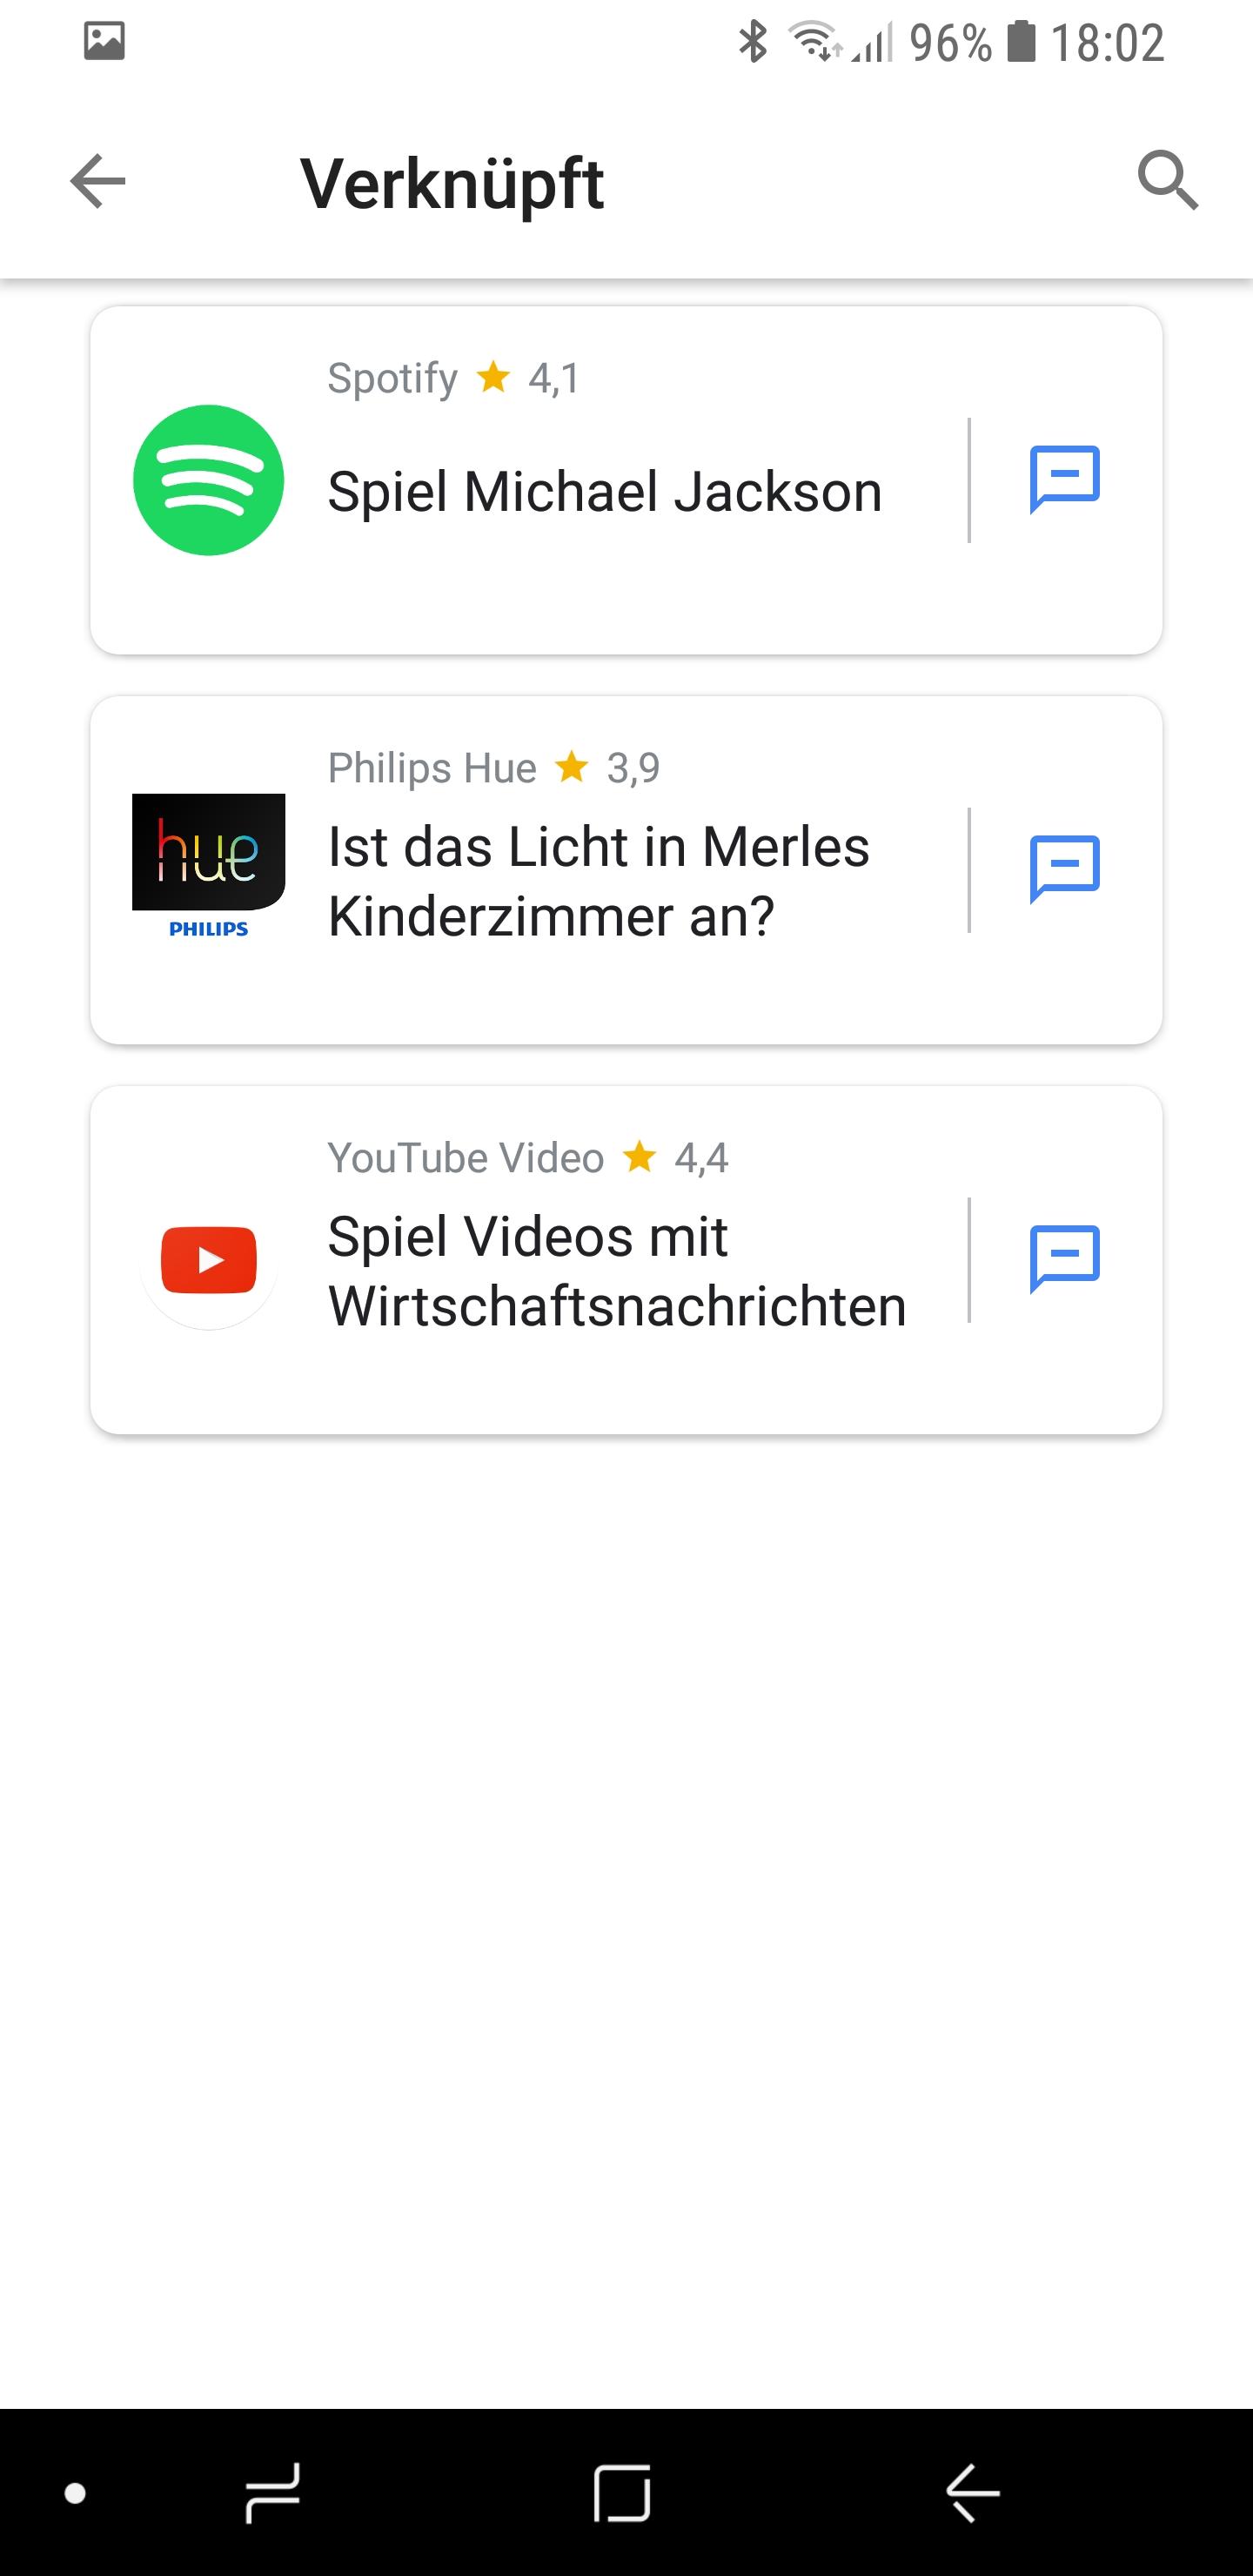 Google Actions Übersicht aufgelistet 05